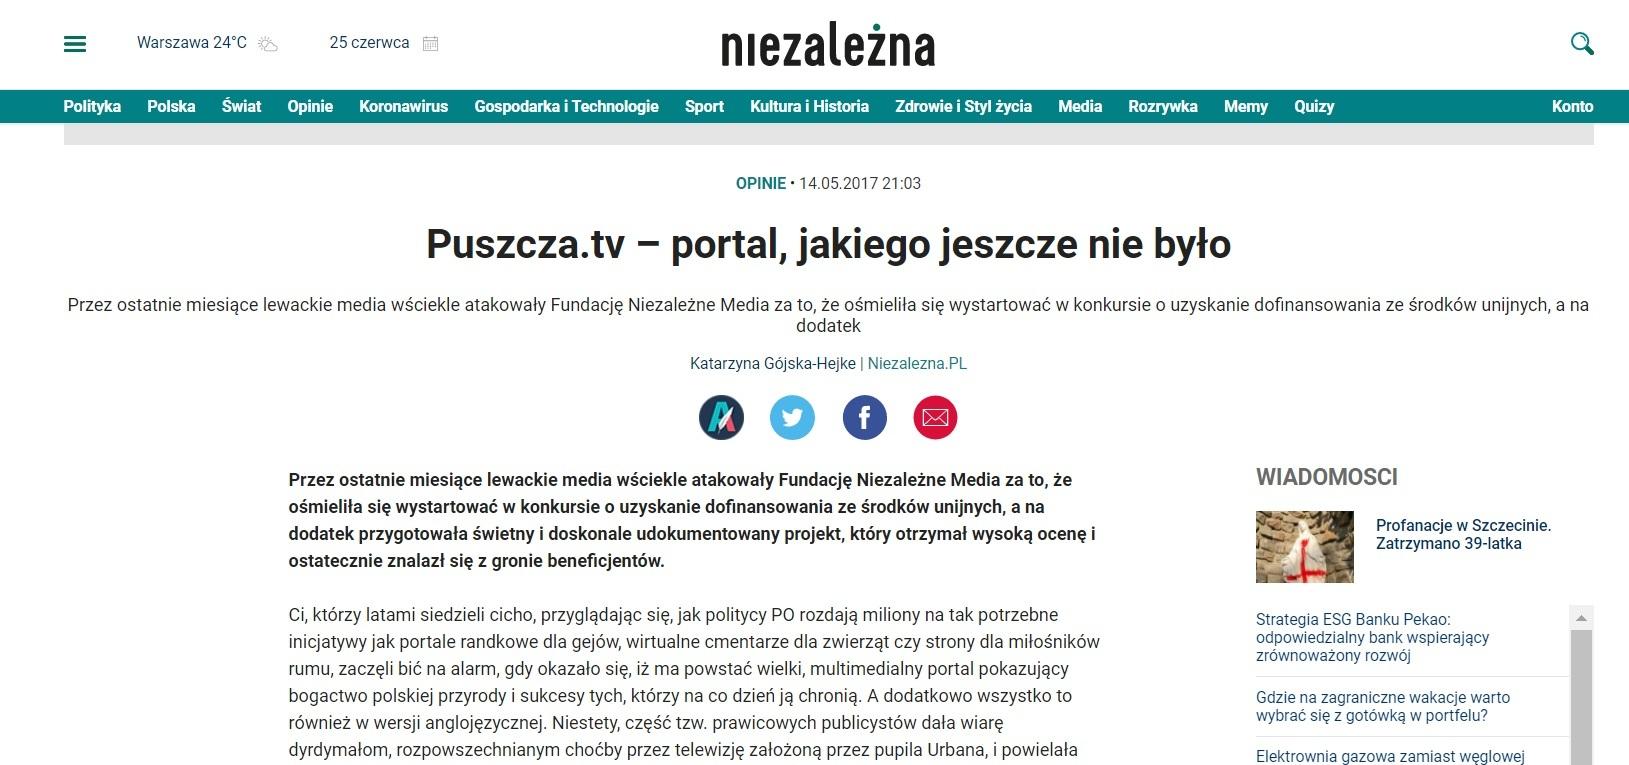 Tekst Katarzyny Gójskiej-Hejke na portalu Niezależna.pl zapowiadający projekt Puszcza.tv